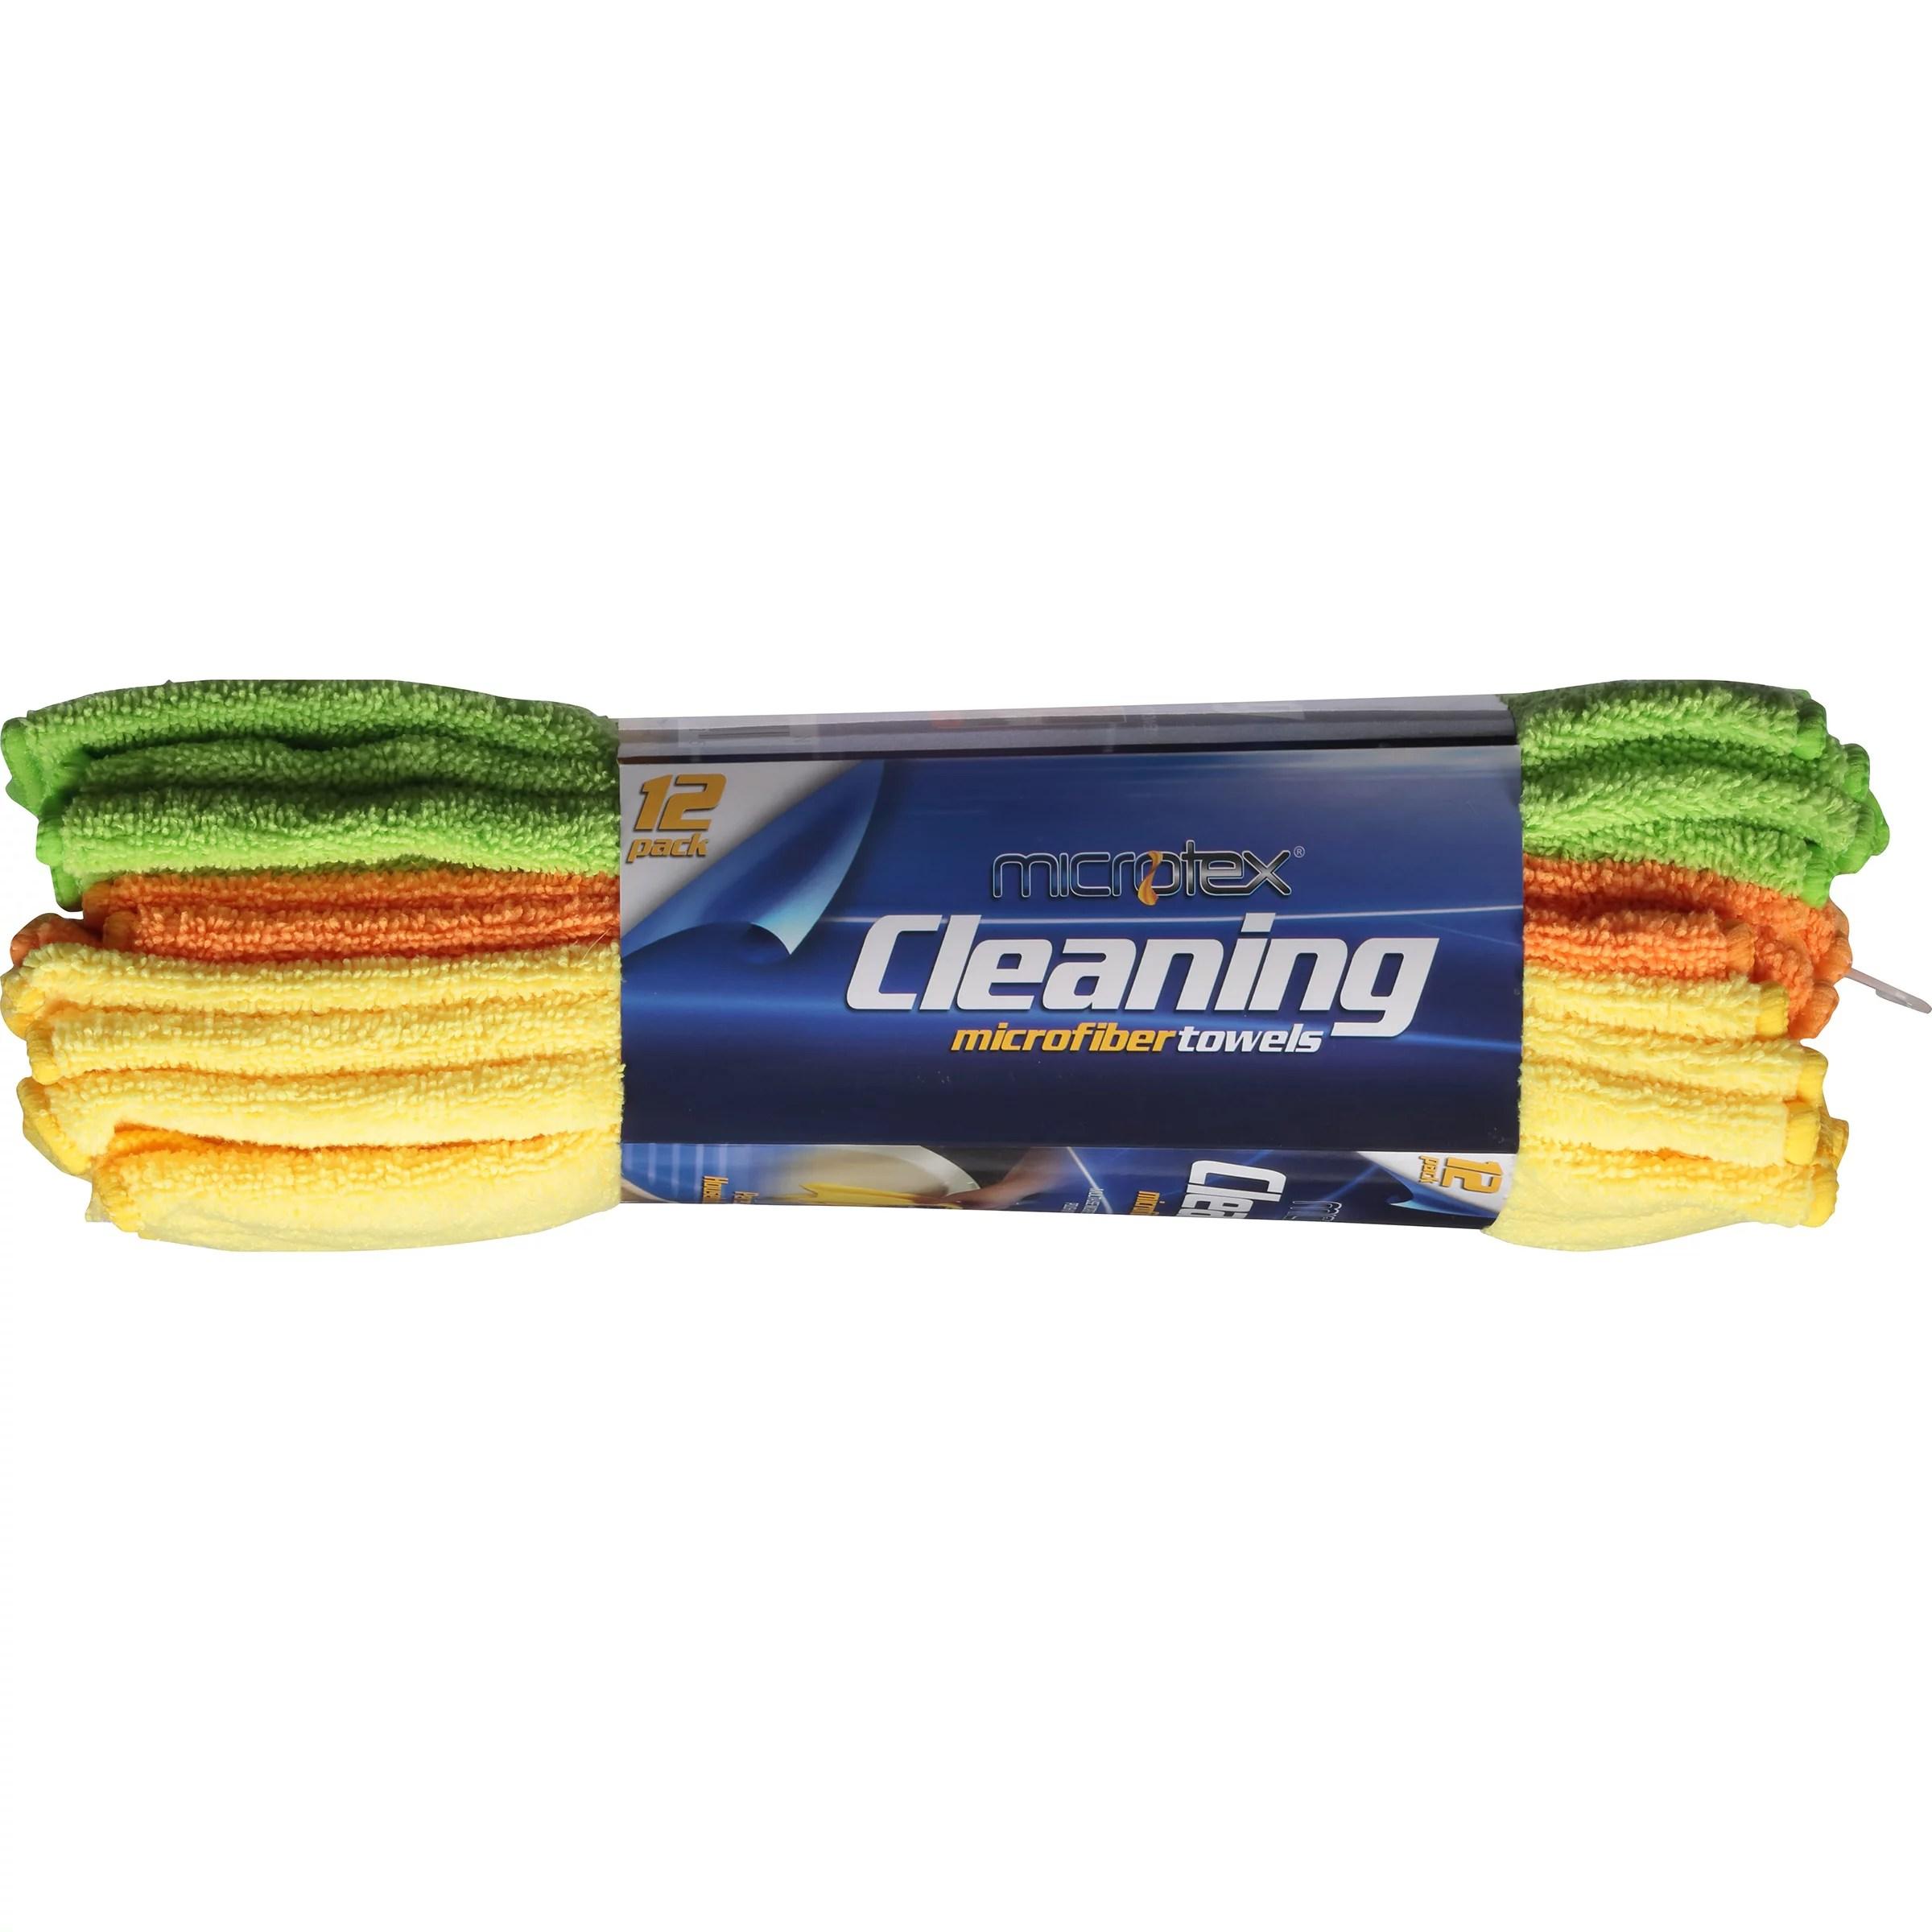 Microtex Microfiber Towels